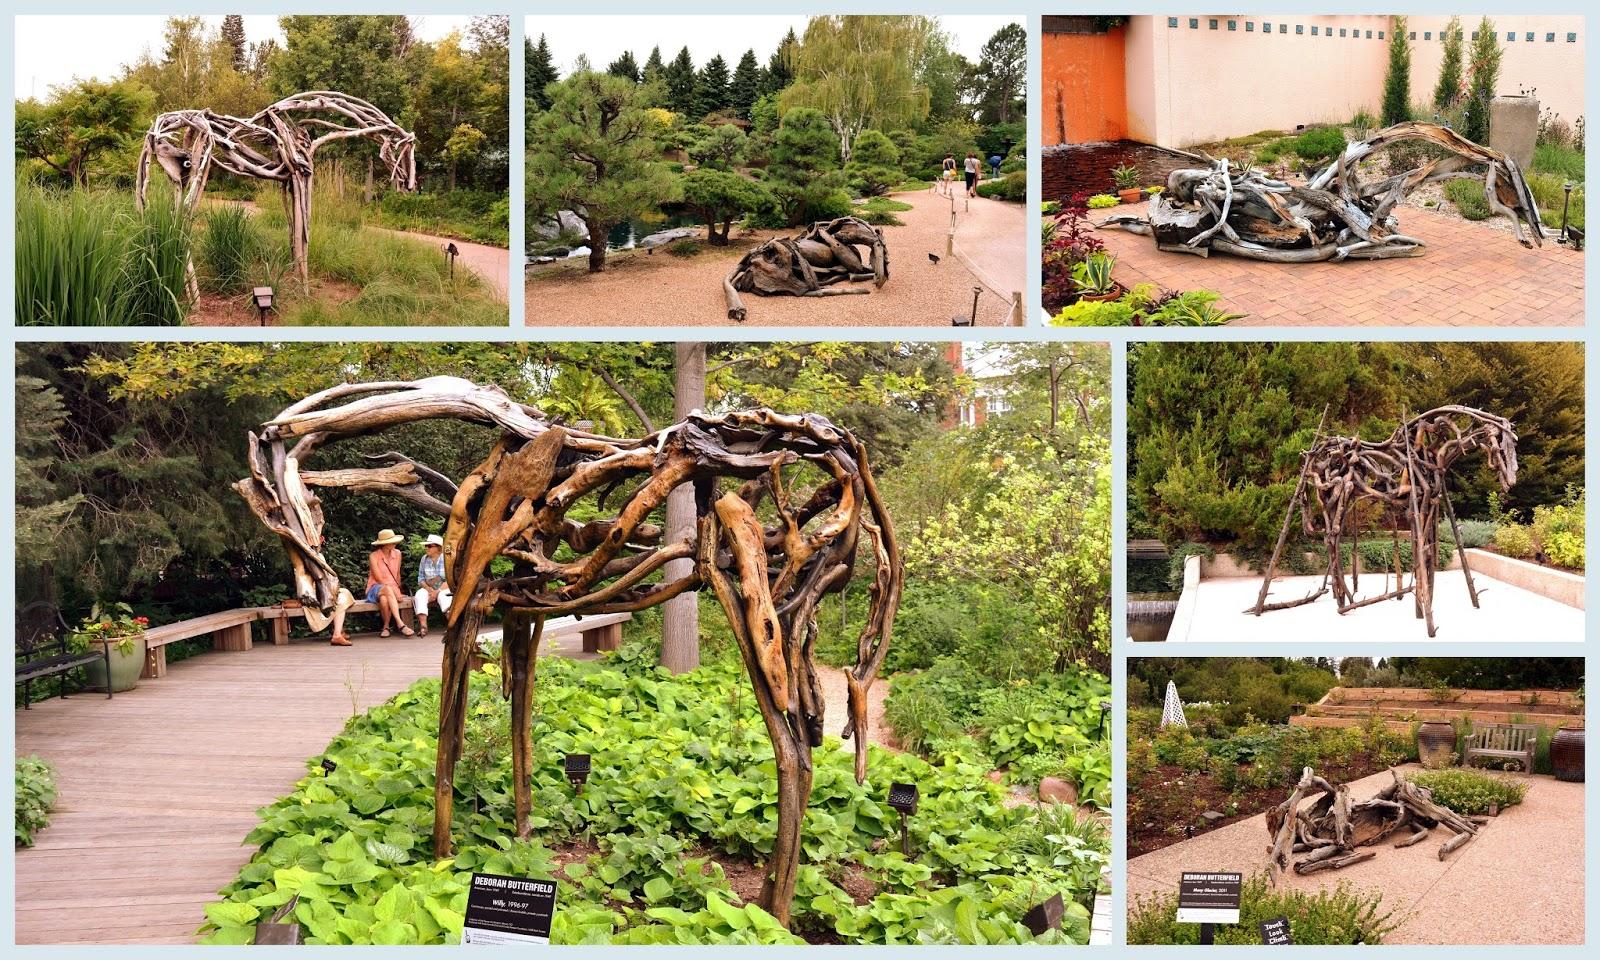 Mille Fiori Favoriti The Nature Of Horses Exhibit At The